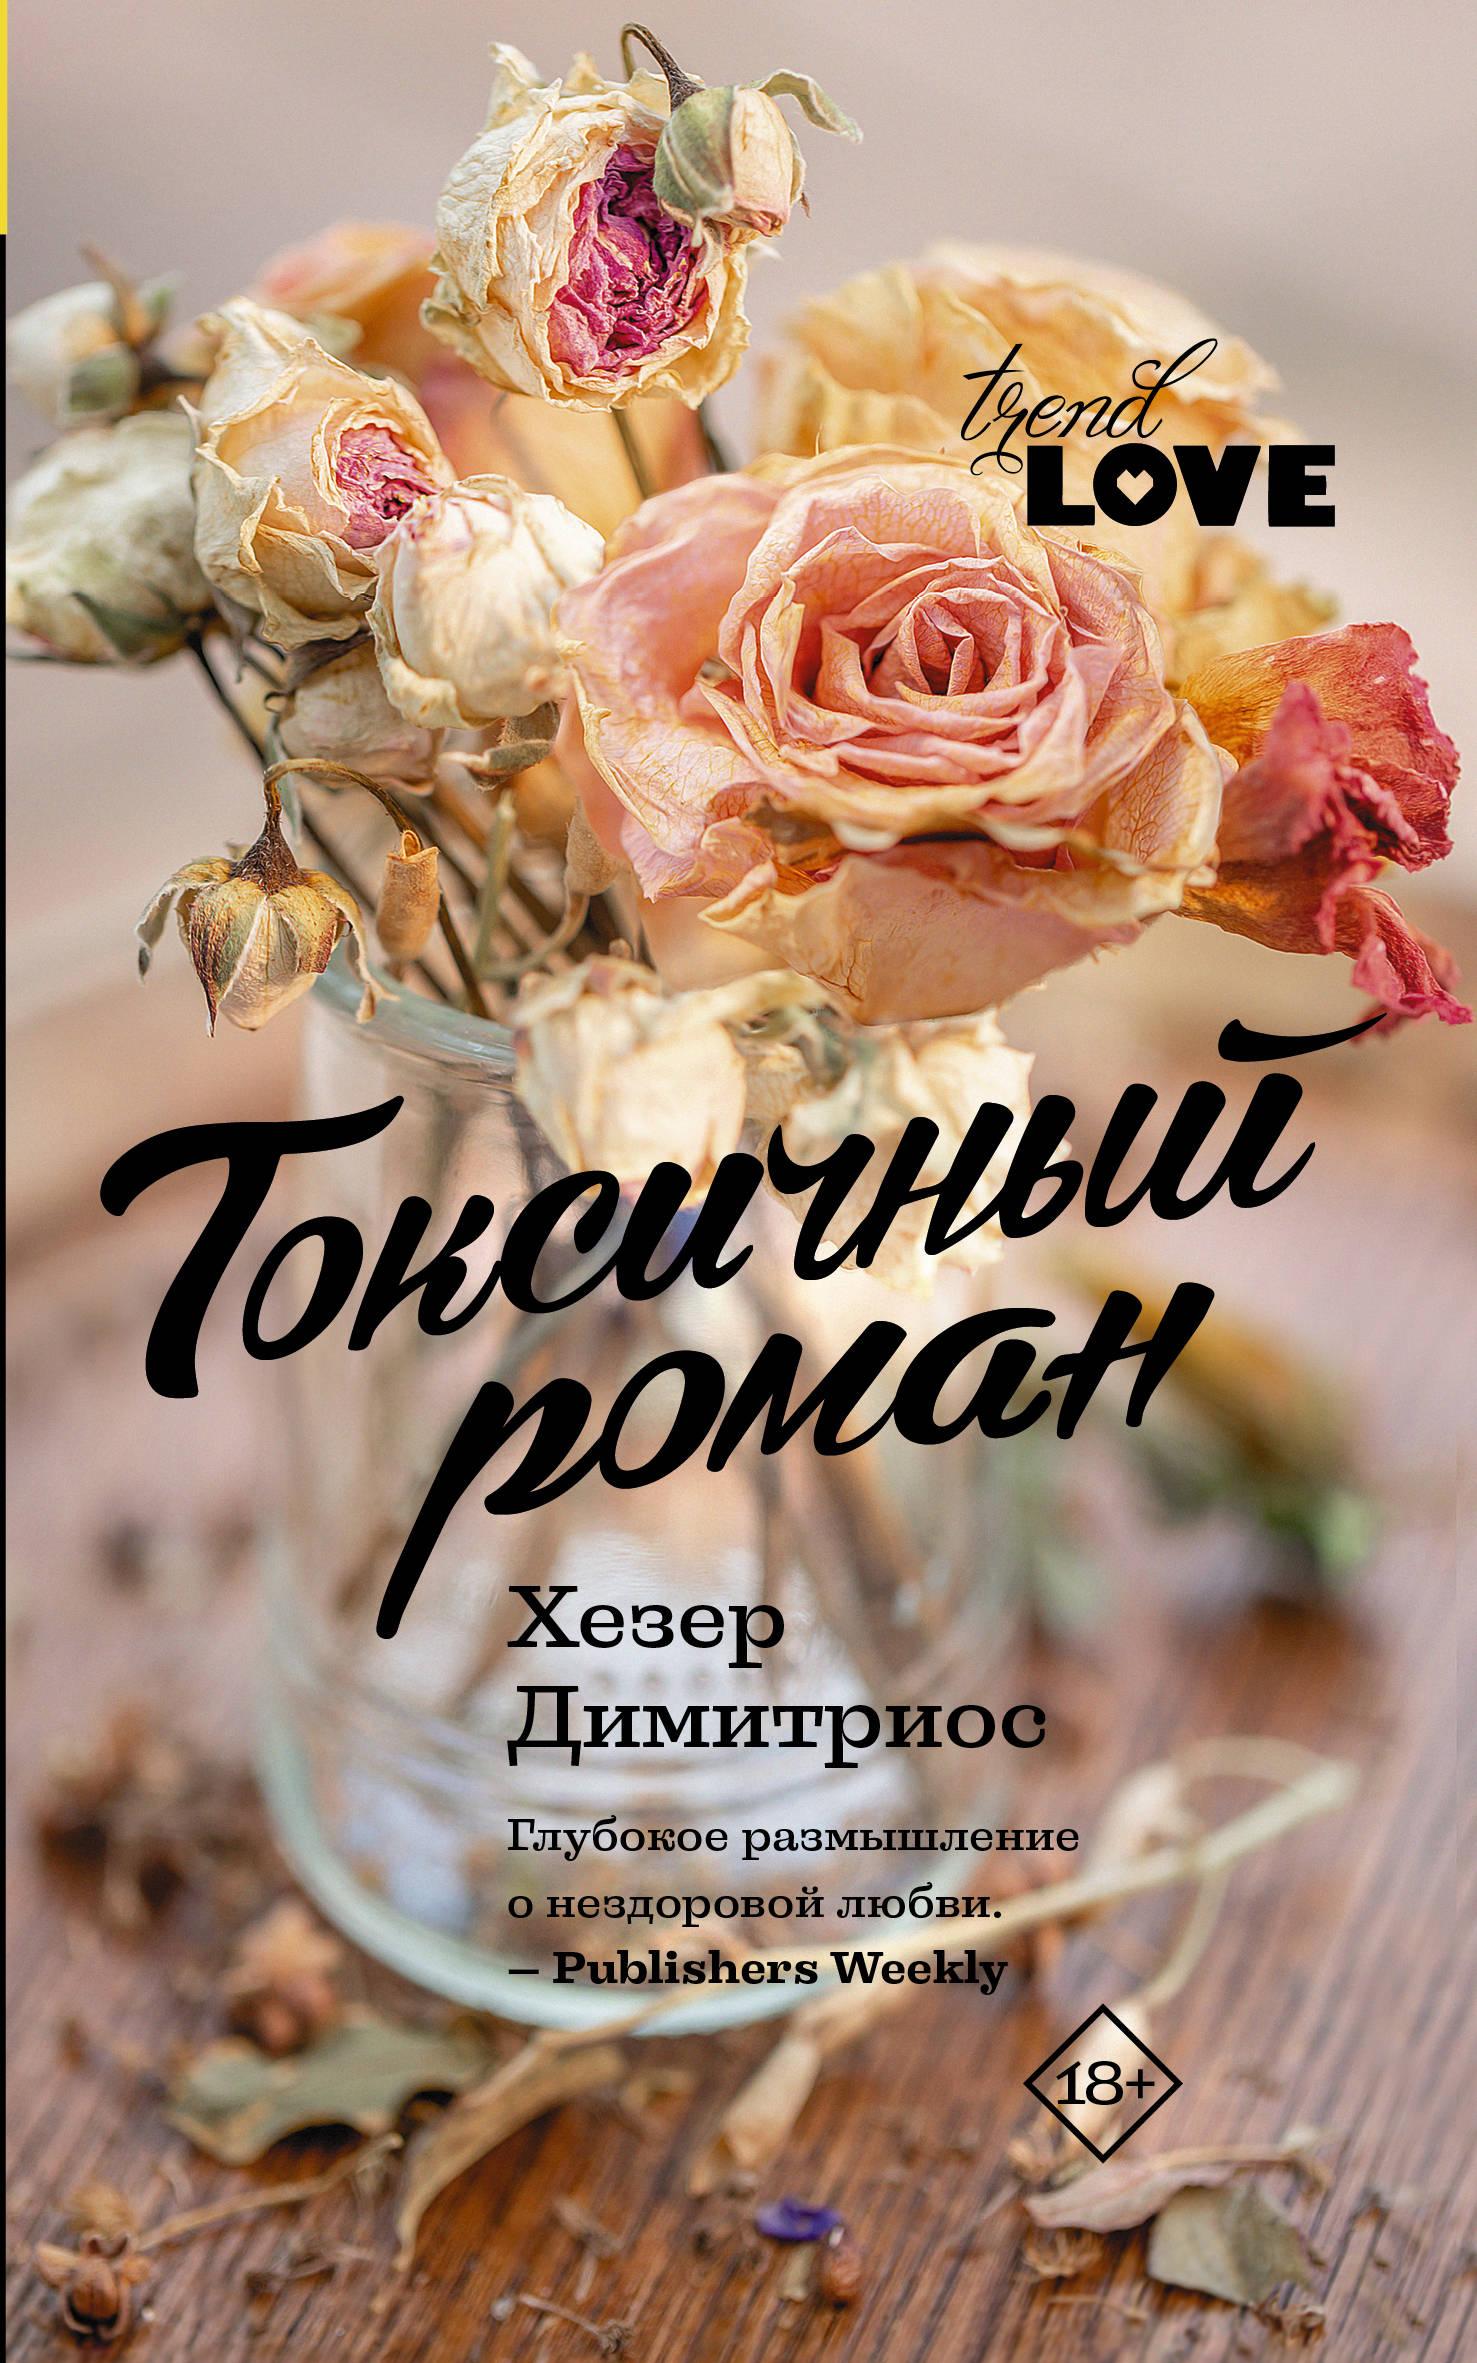 Хезер Димитриос Токсичный роман